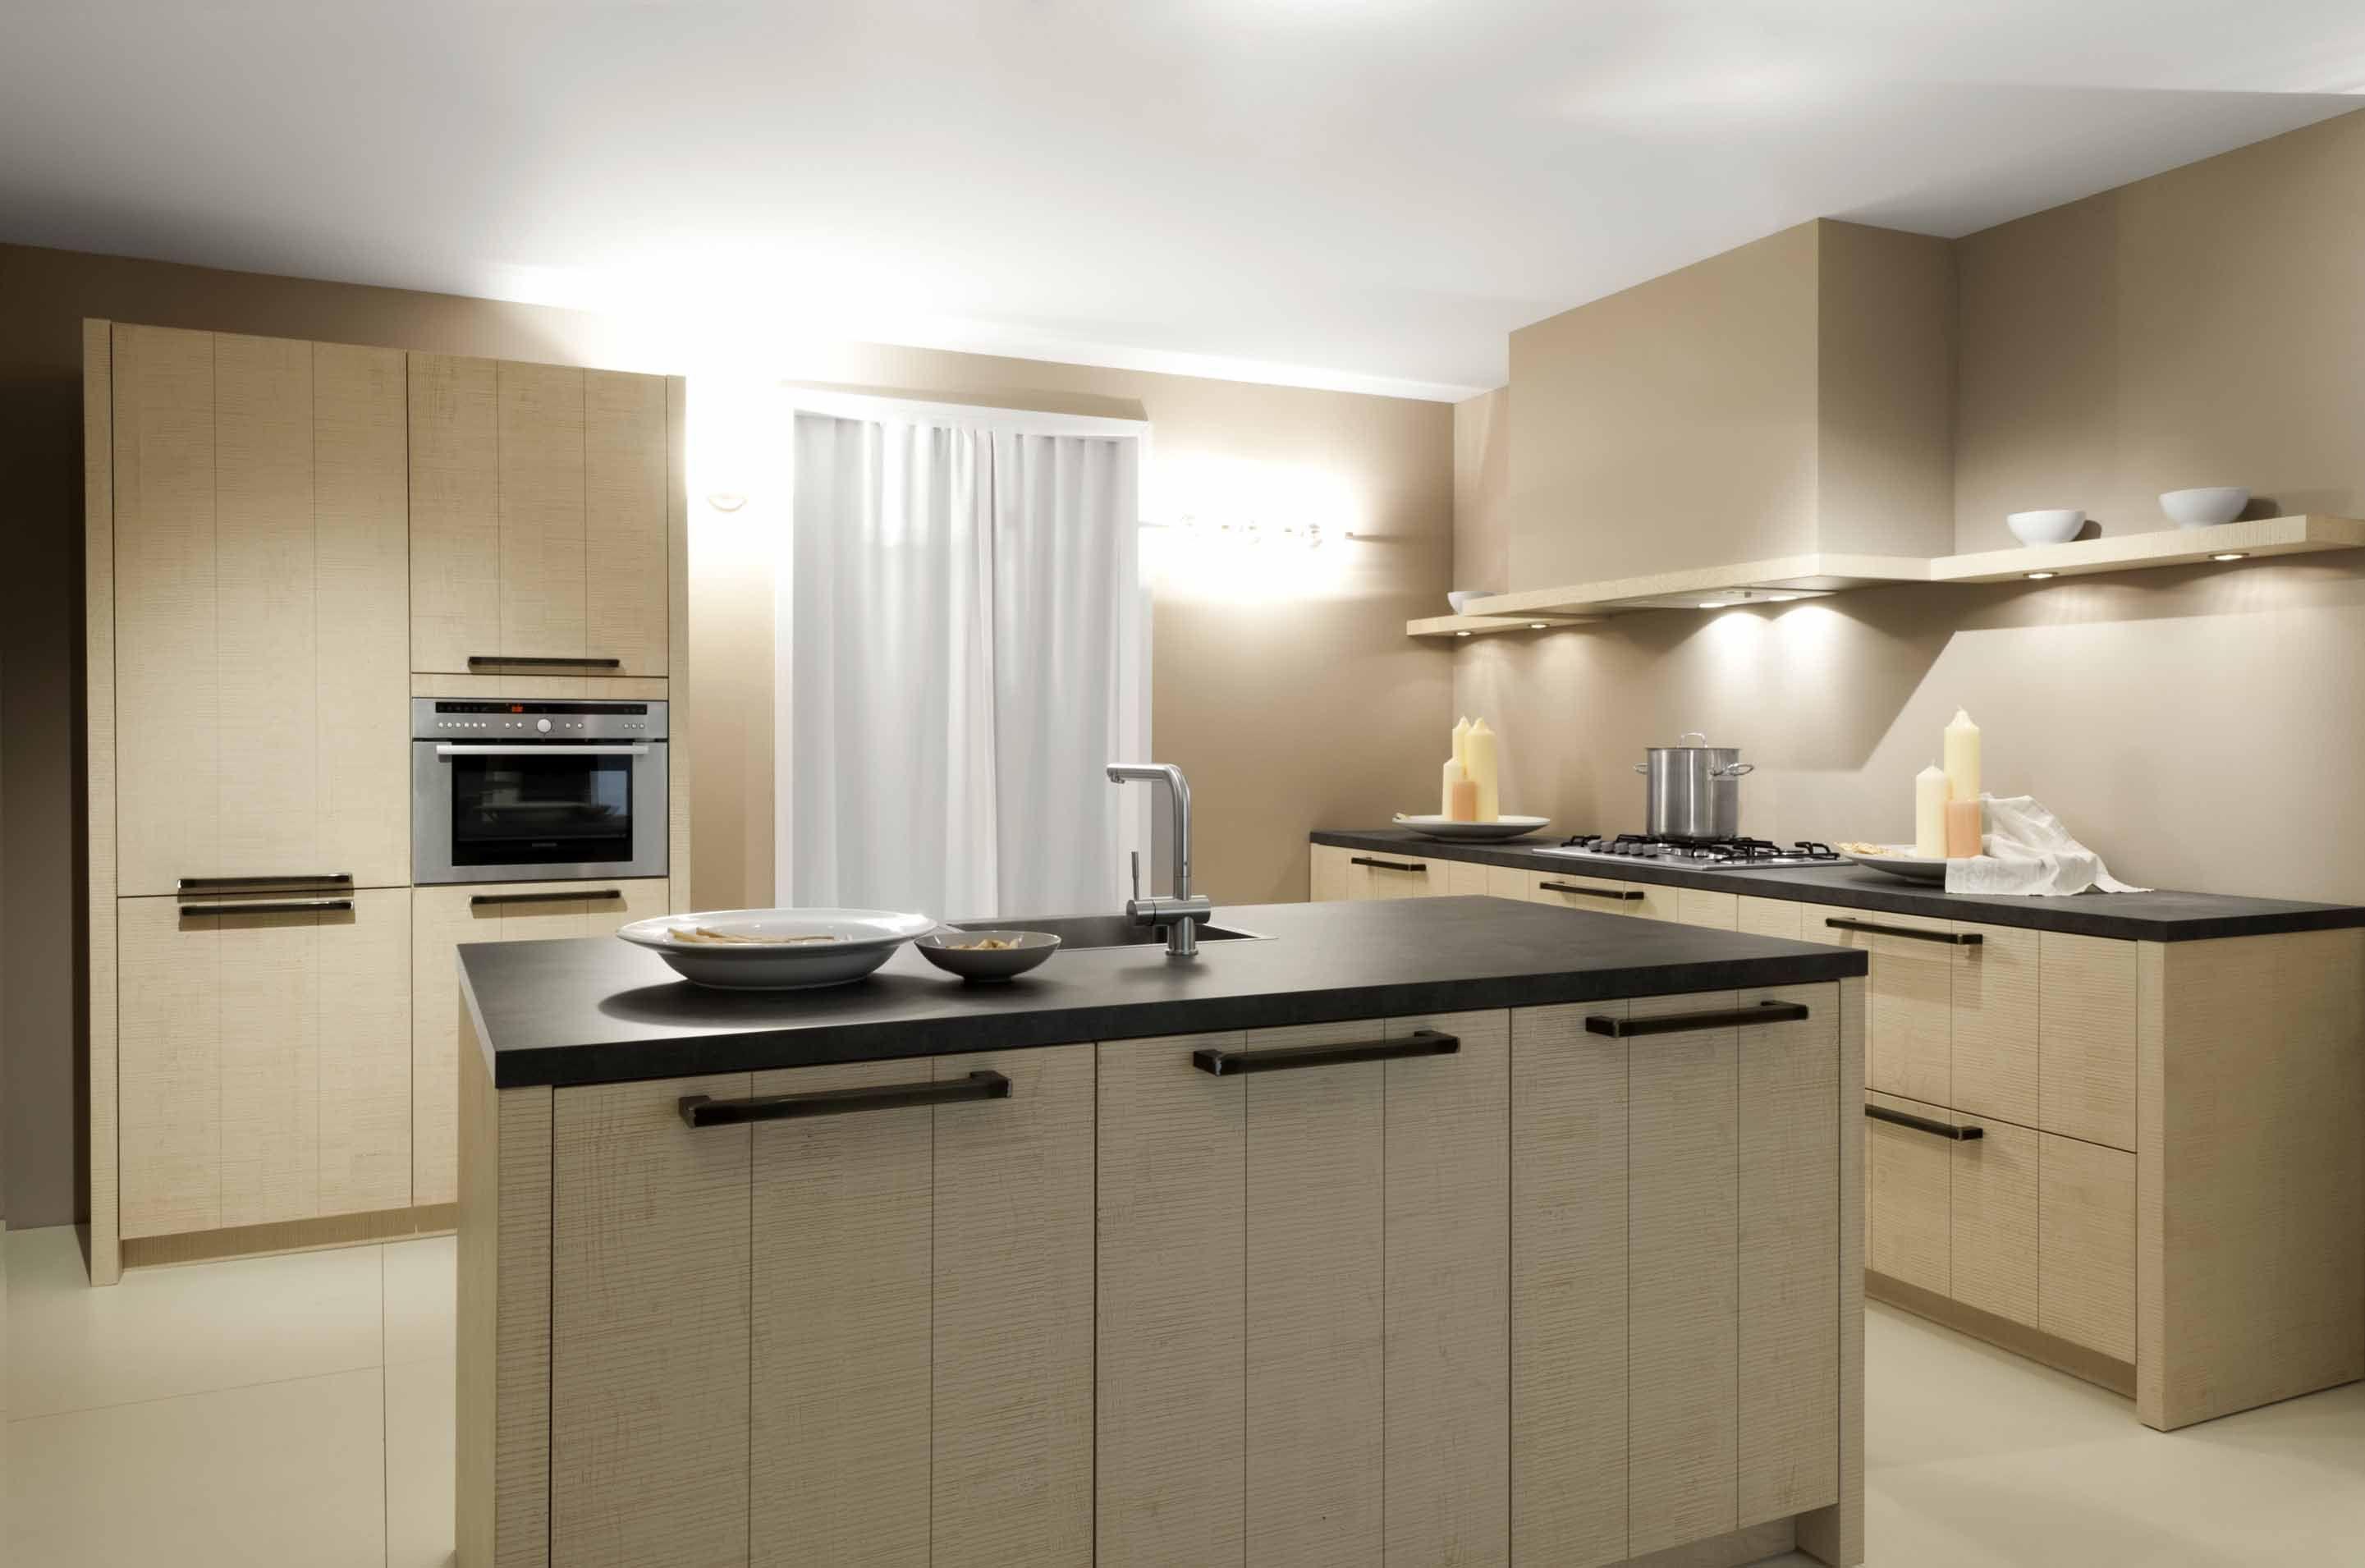 Barkrukken keukeneiland: tweedehands ikea keukeneiland en ...